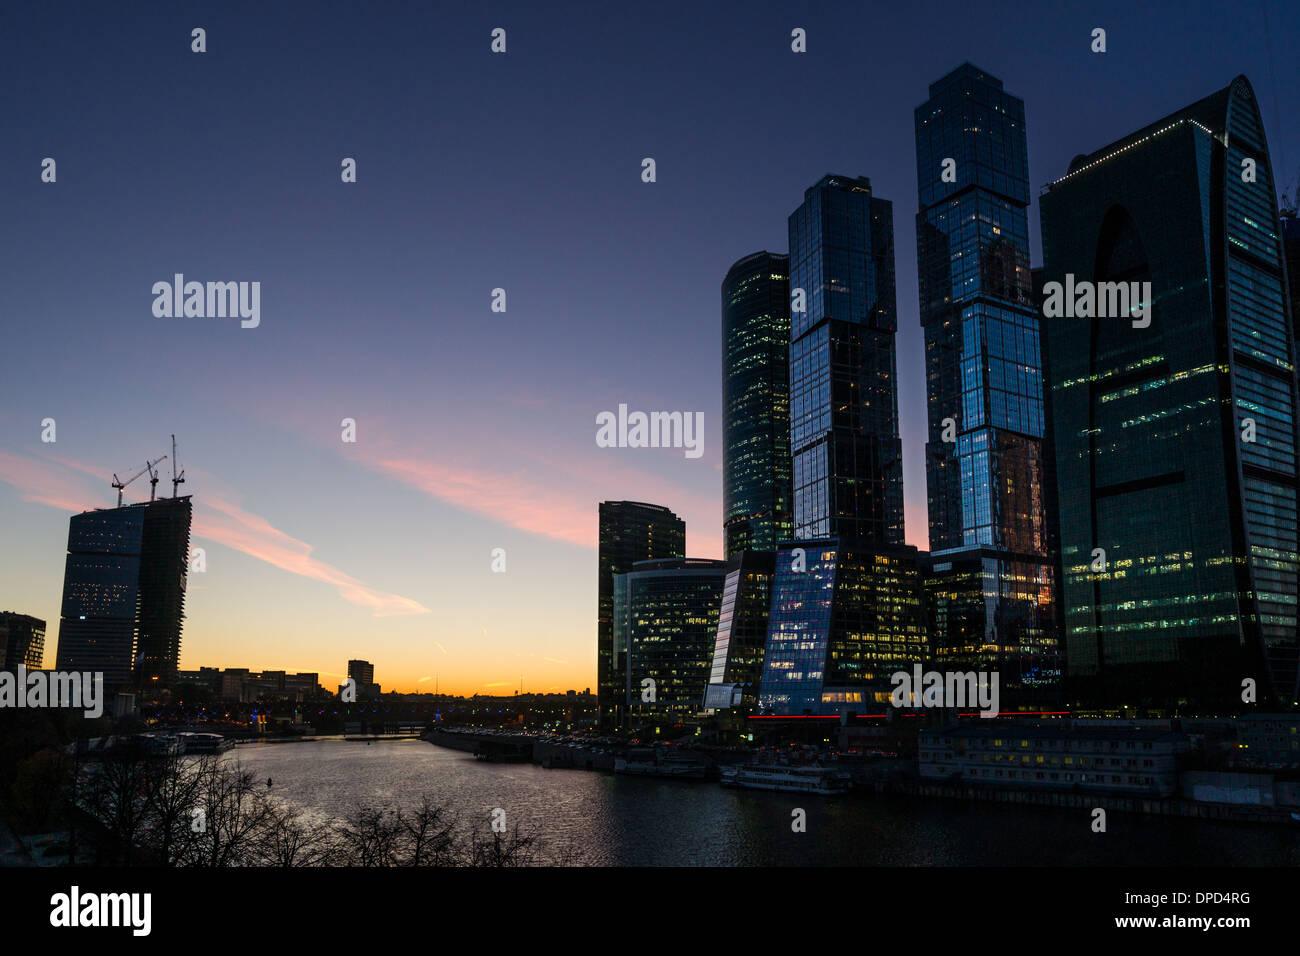 Vue nocturne de la ville de Moscou Centre d'affaires Photo Stock